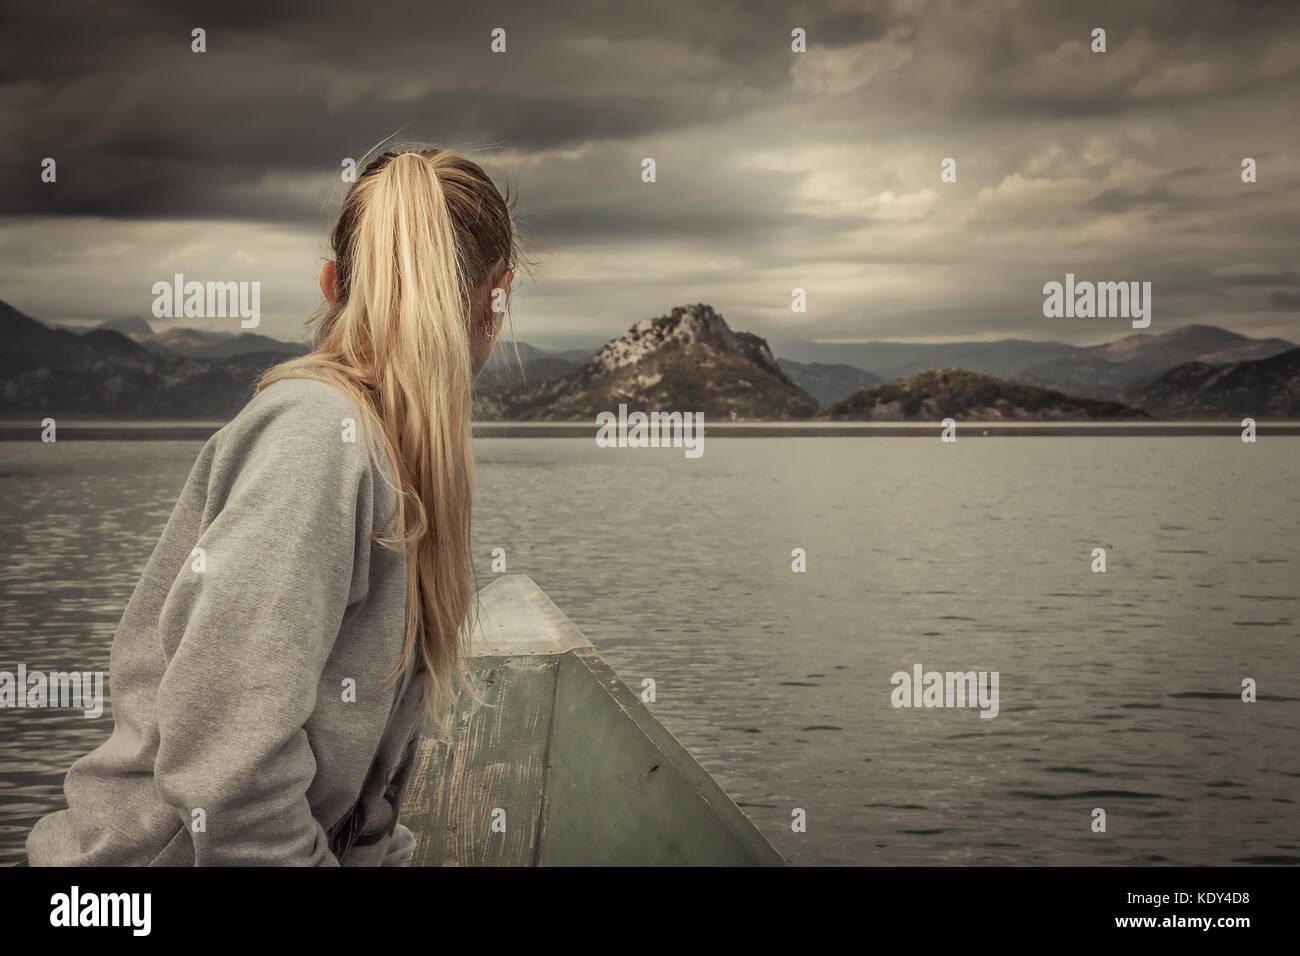 Frau traveler Segeln auf Boot in Richtung Ufer, mit Berge Landschaft am Horizont in bewölkten Tag mit dramatischen Stockbild